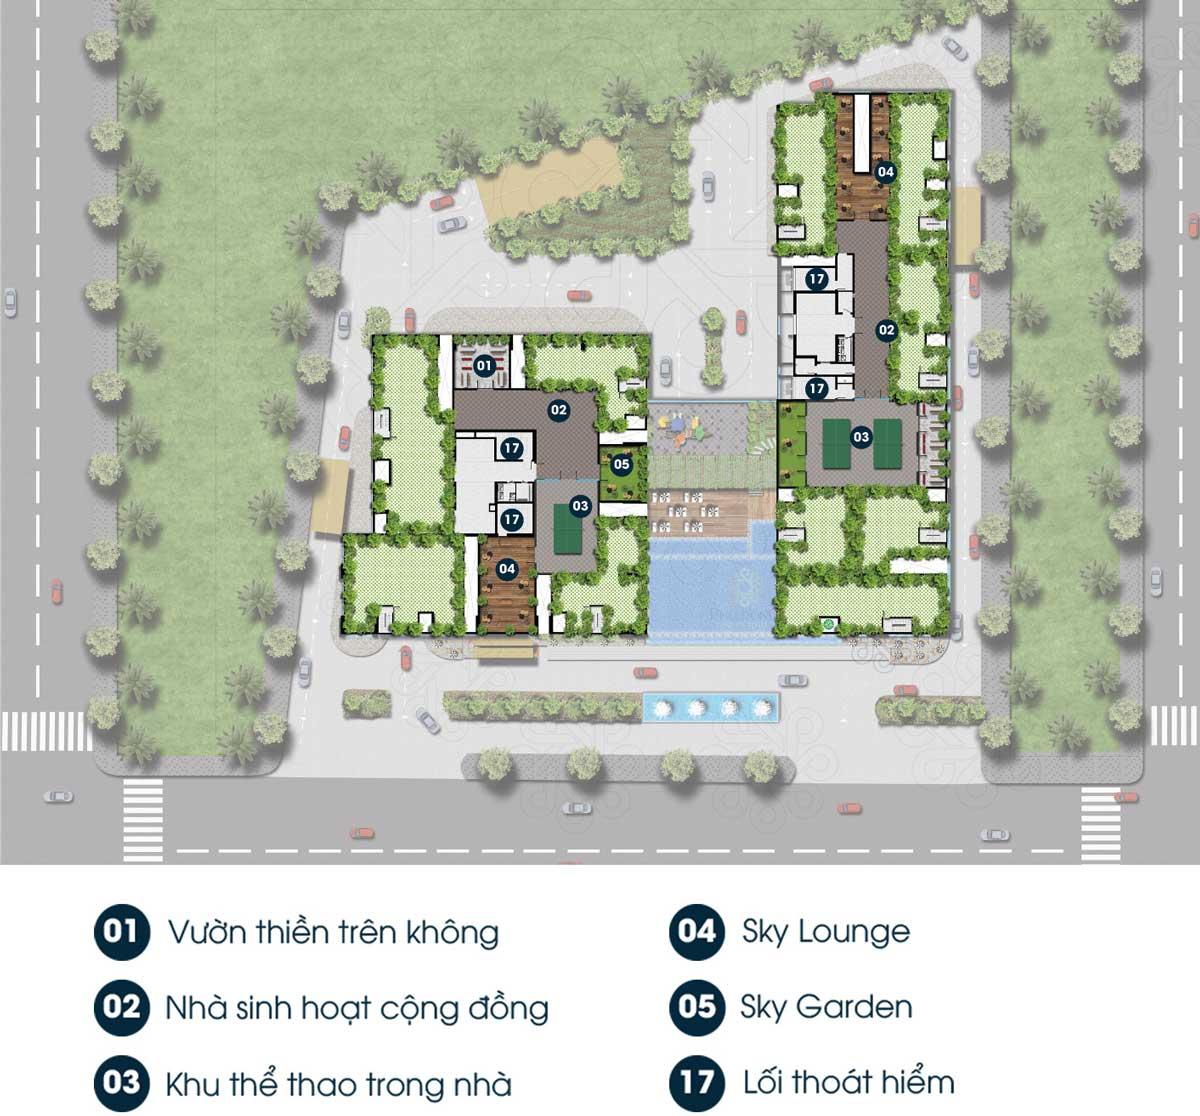 Sơ đố tiện ích căn hộ Phú Đông Premier ở sân thượng